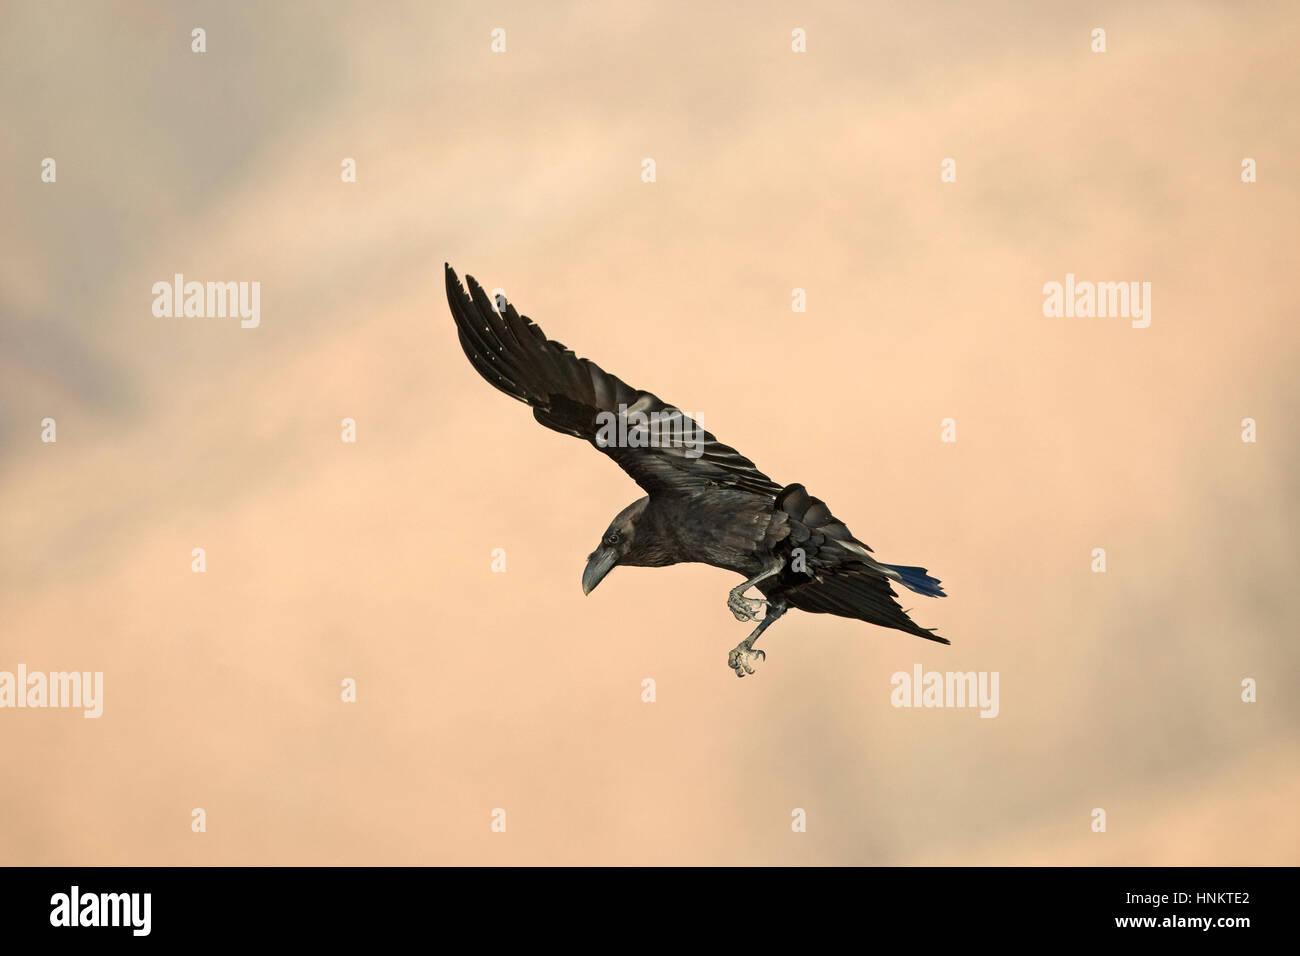 Kanarischen Inseln Raven - Corvus Corax tingitanus Stockfoto